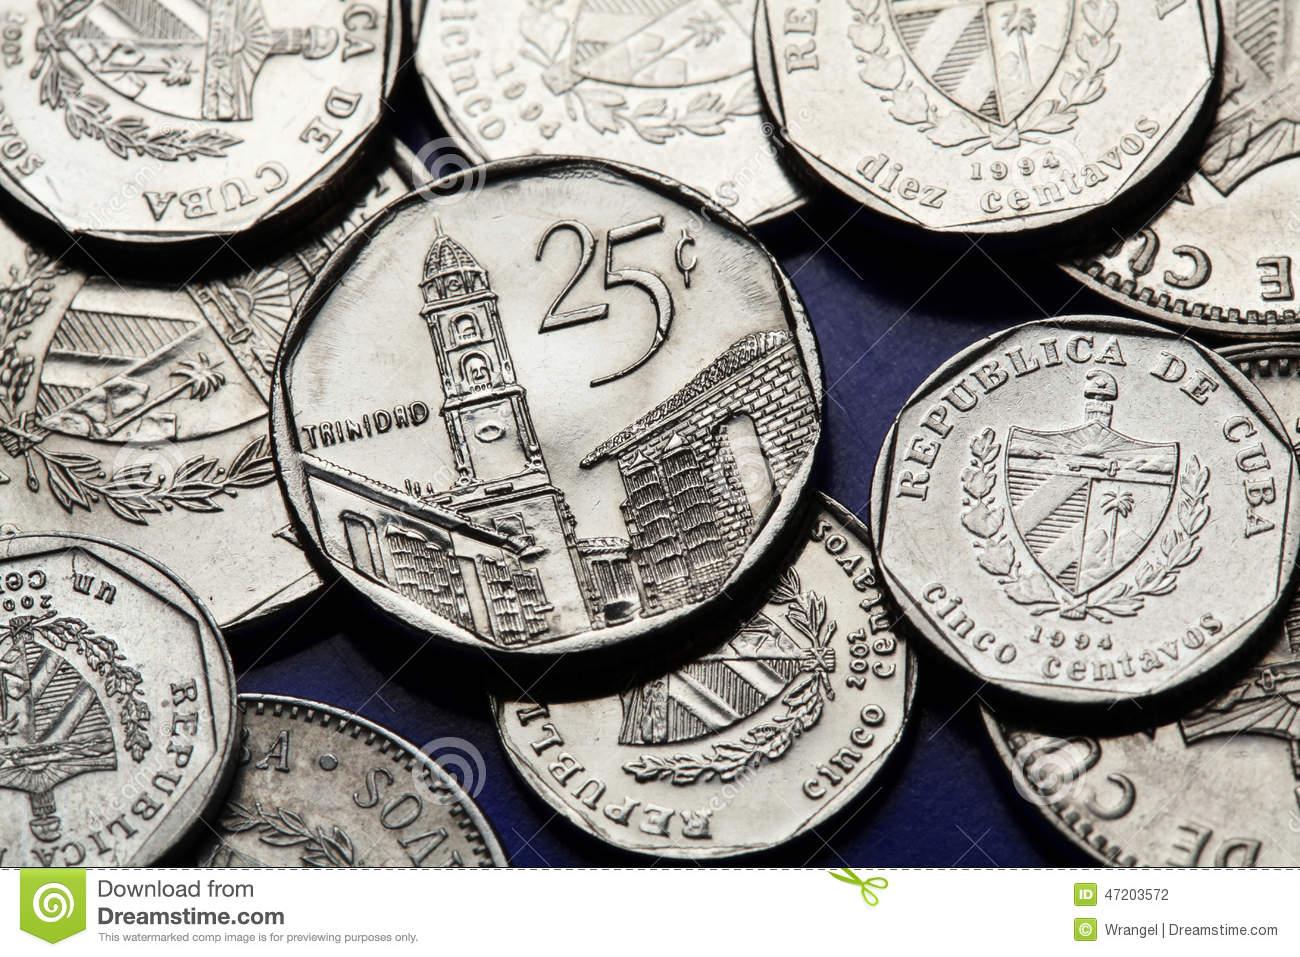 Hoy Quiero Darte Algunos Consejos Sobre El Cambio De Moneda O Dinero En Cuba Aqui Circulan Dos Monedas Peso Convertible Comúnmente Llamado Cuc